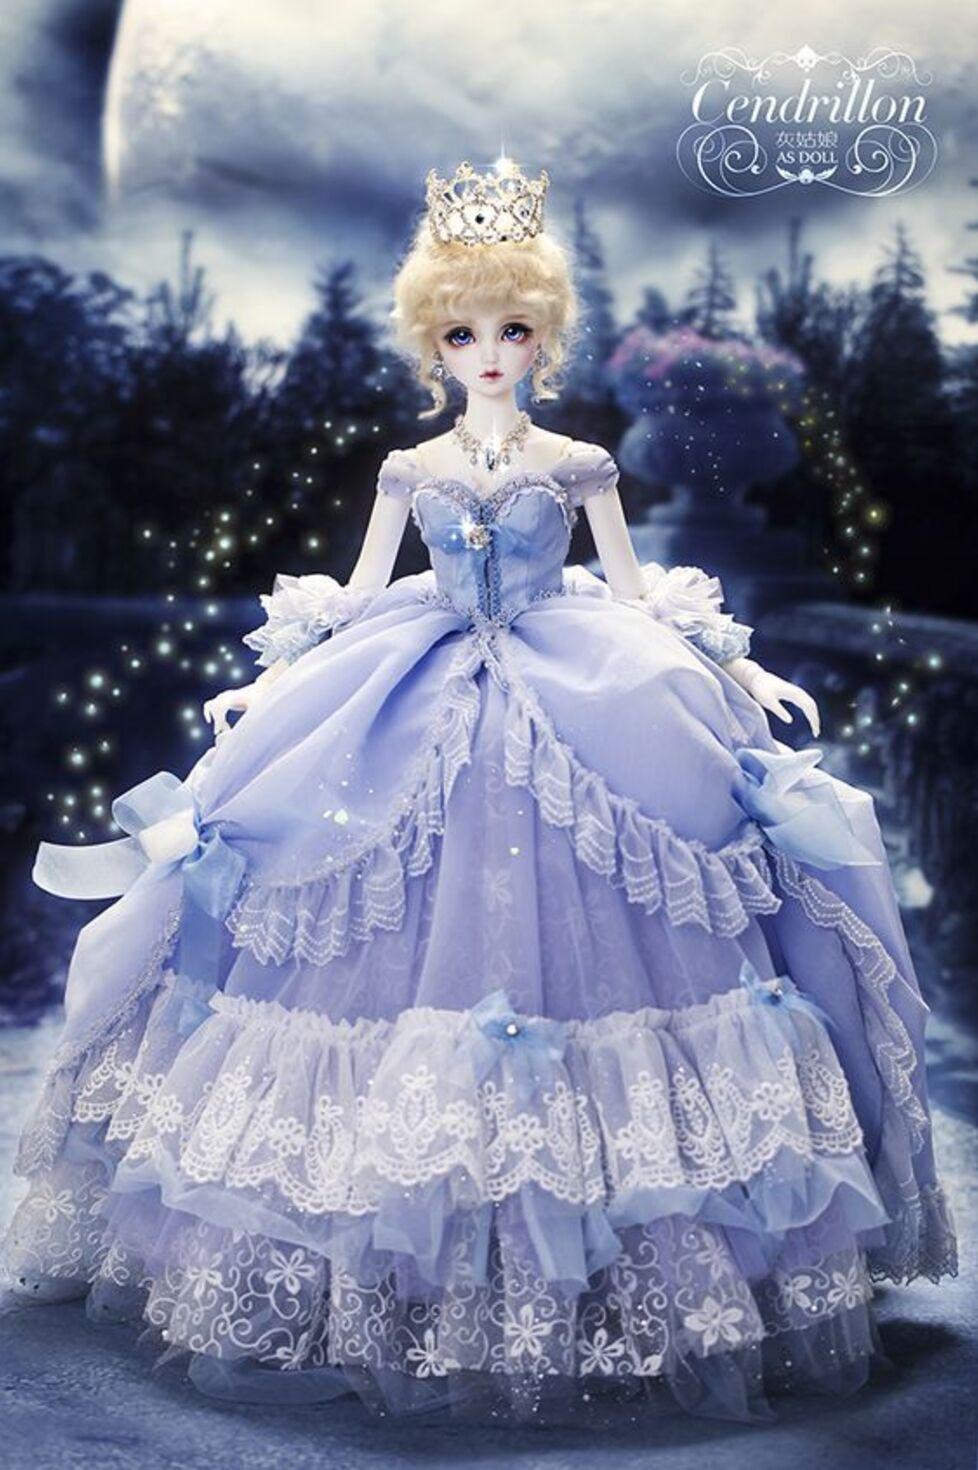 J'aime les poupées de porcelaine